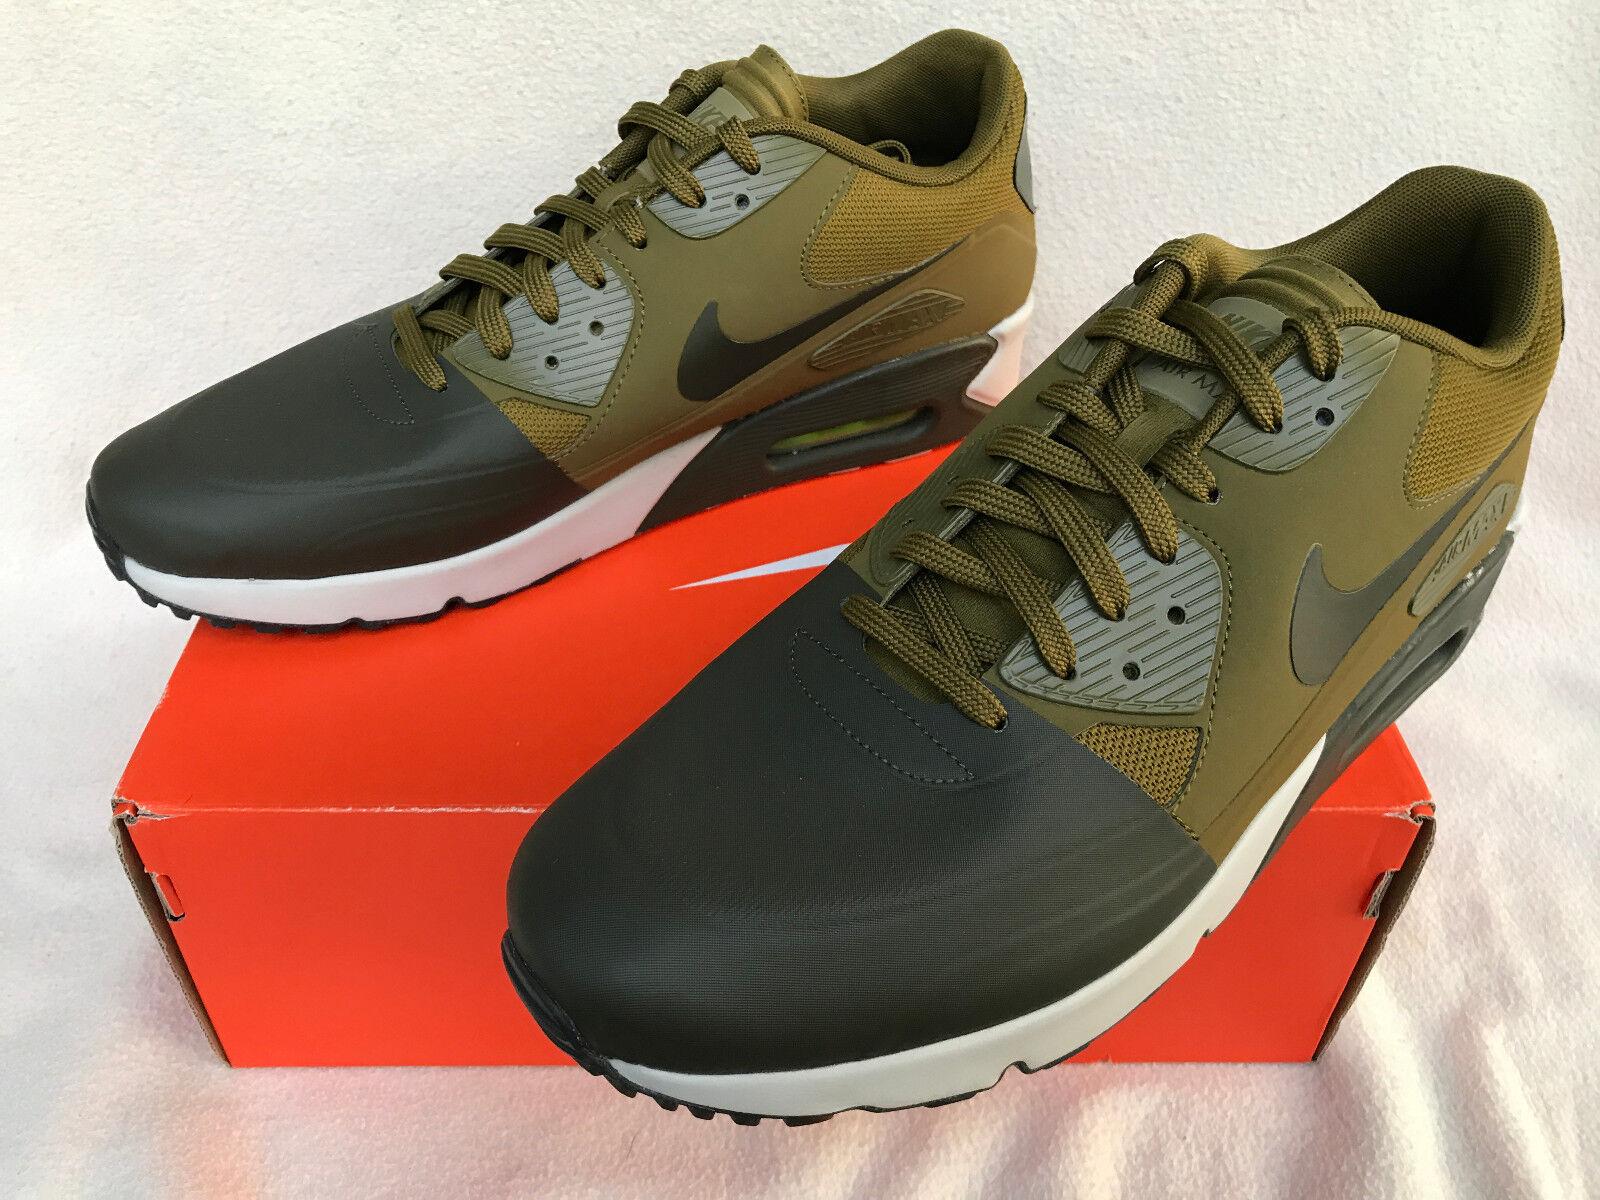 Nike air max 90 della ultra - 2,0 se 876005-300 carico della 90 milizia uomini 12 nuove scarpe da corsa e0d2be